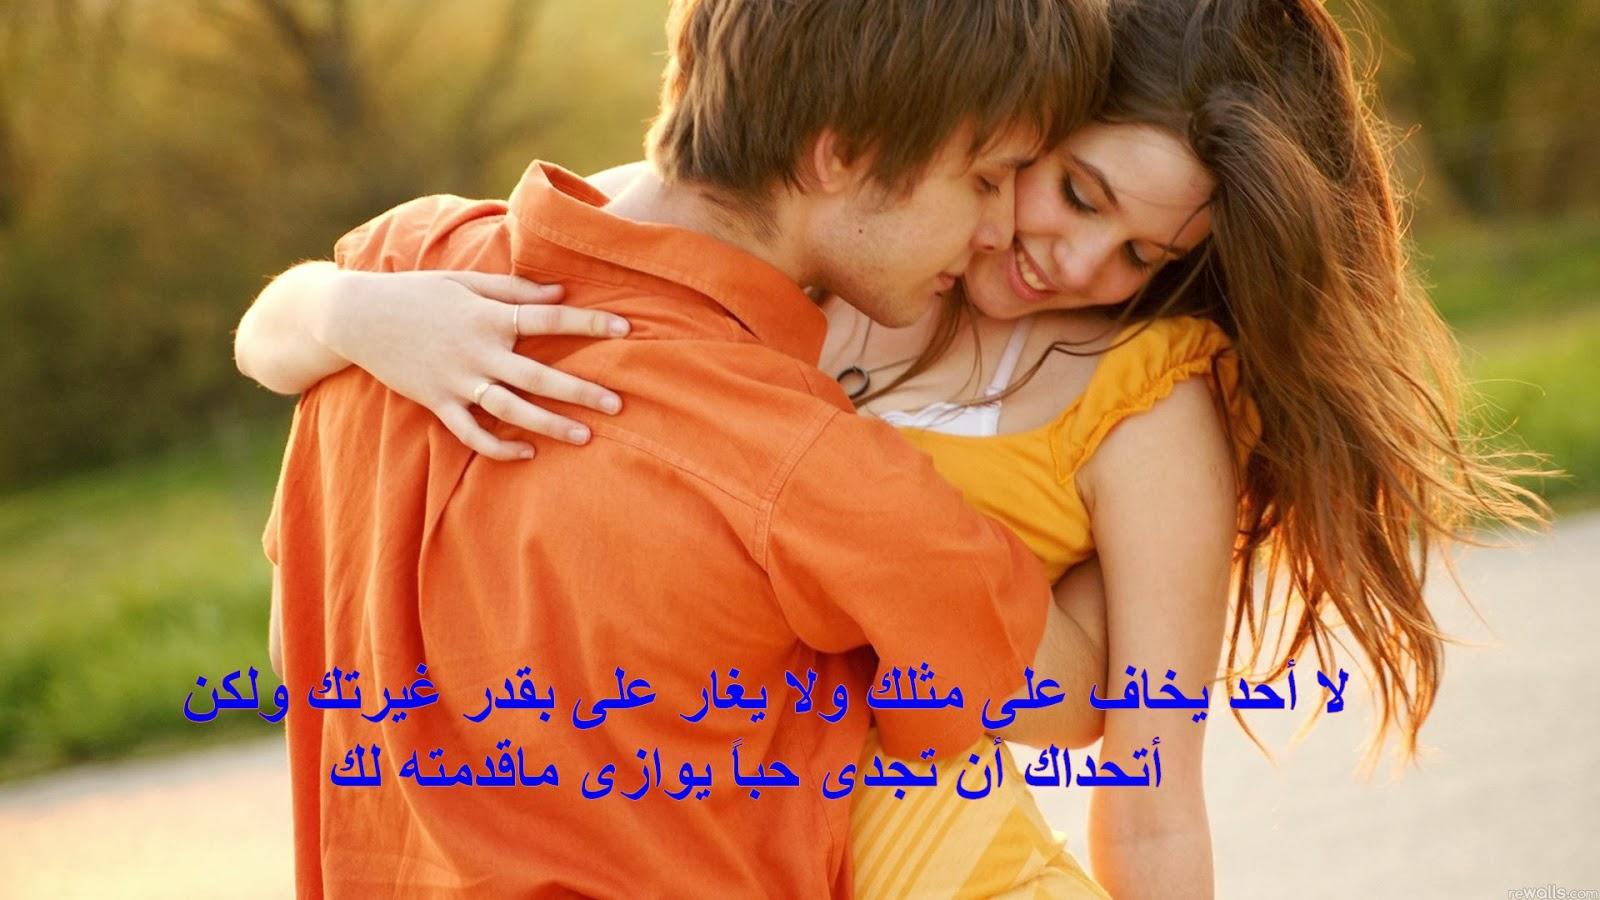 بالصور صور عبارات حب , الحب يجدد الامل 5280 9